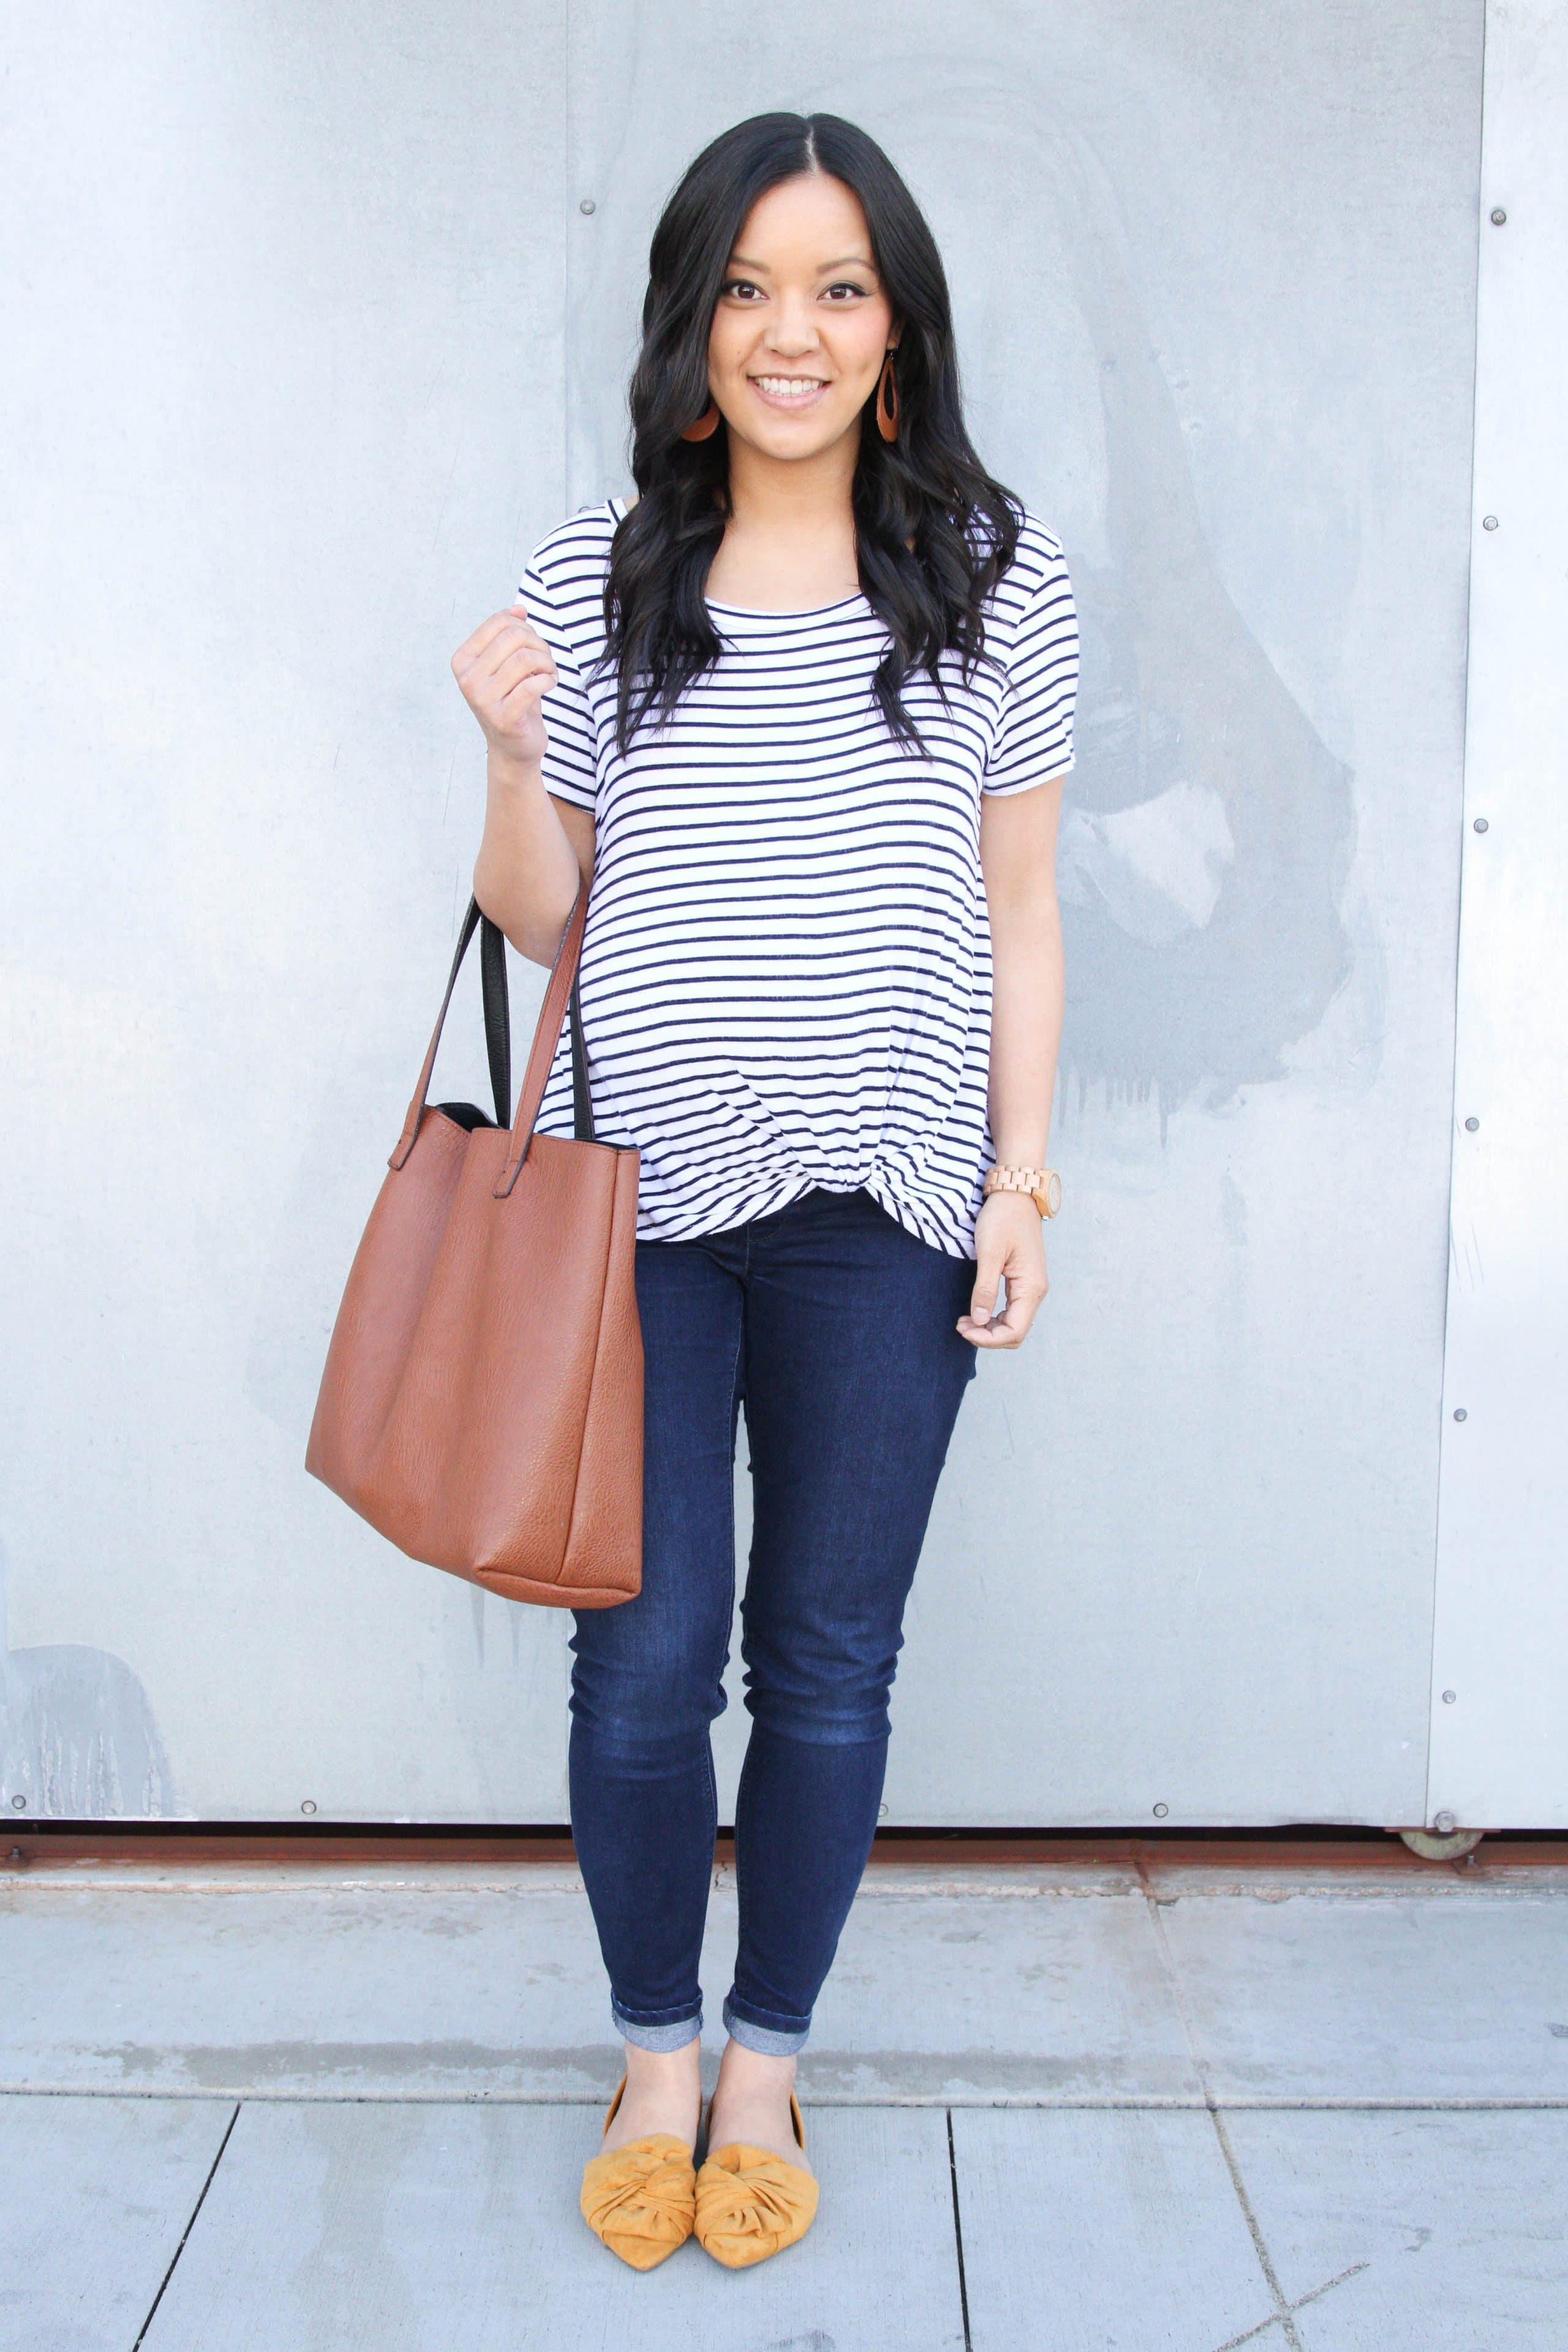 Striped Twist Tee + Jeans + Mustard Flats